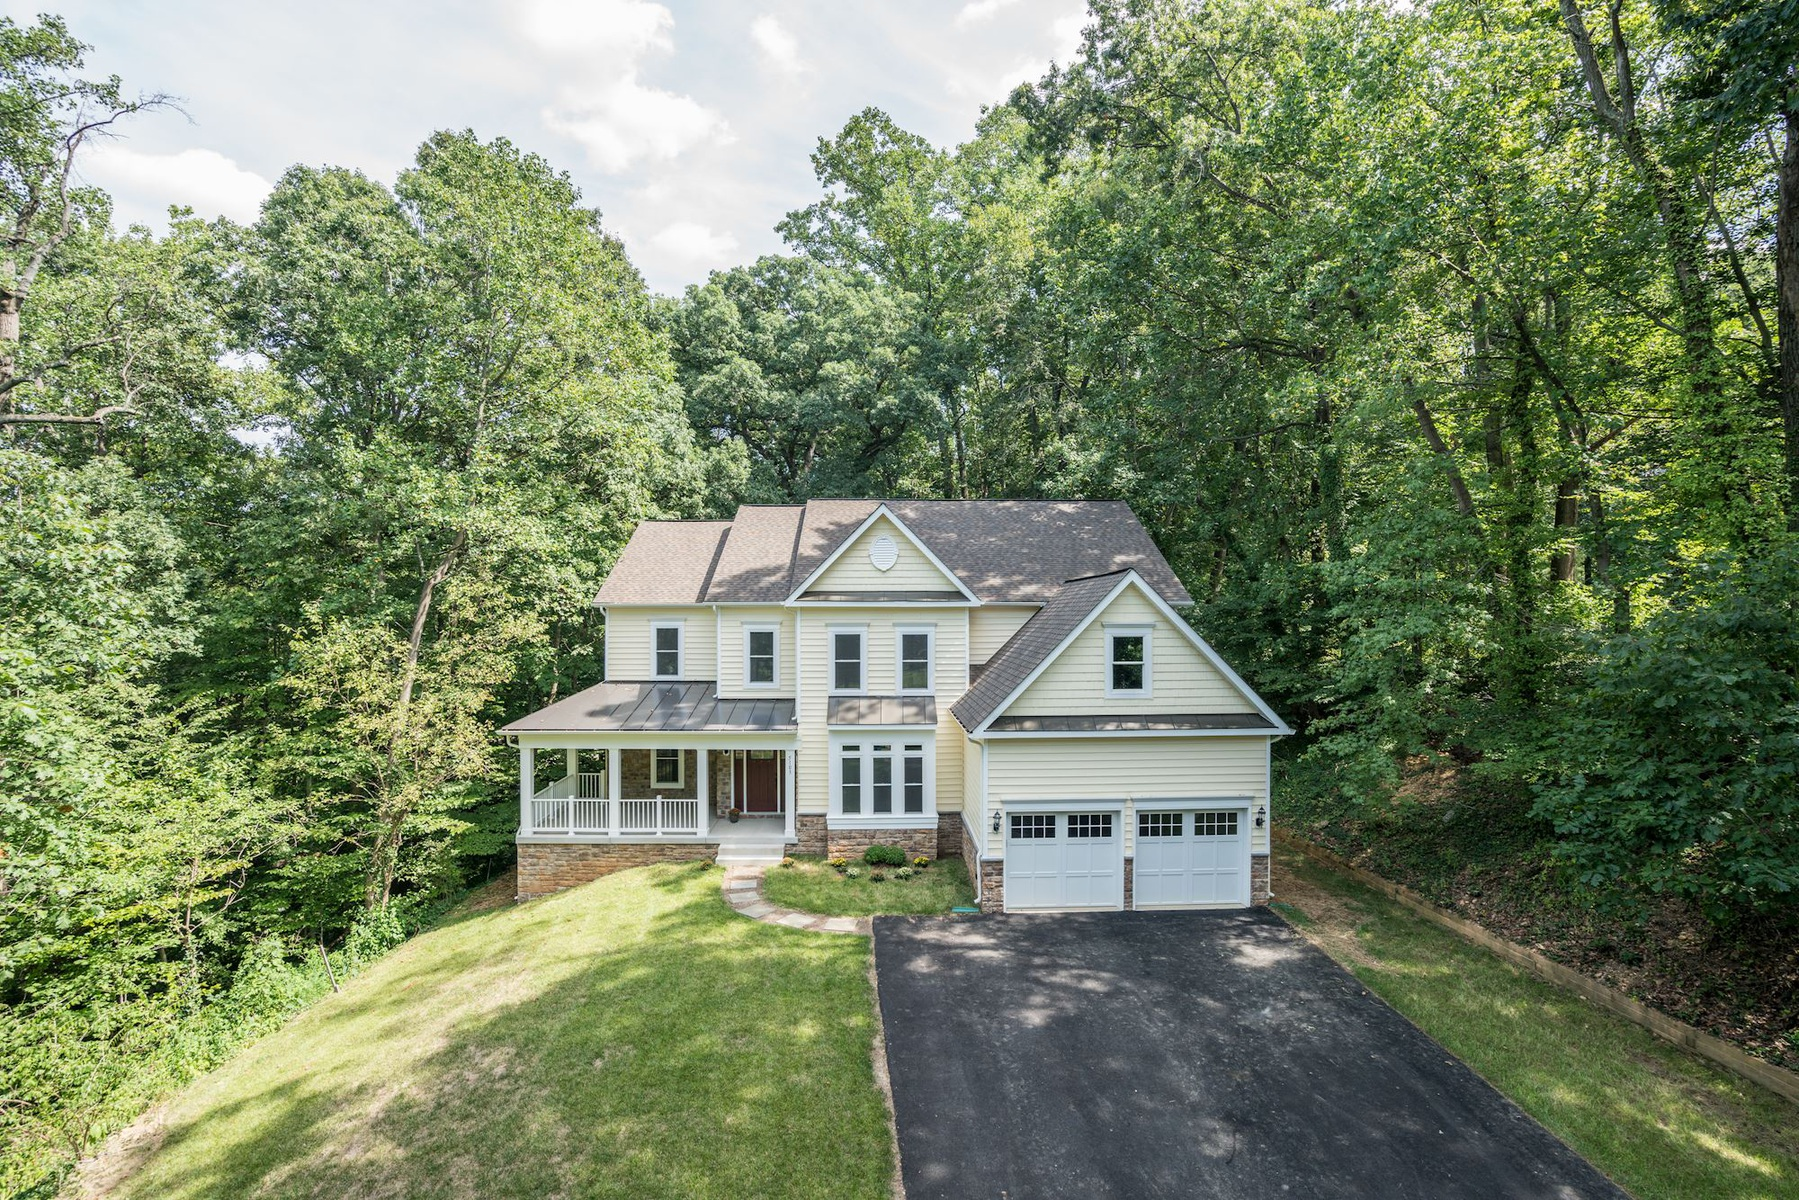 独户住宅 为 销售 在 Lincolnia 5103 Cherokee Ave 亚历山大港, 弗吉尼亚州 22312 美国